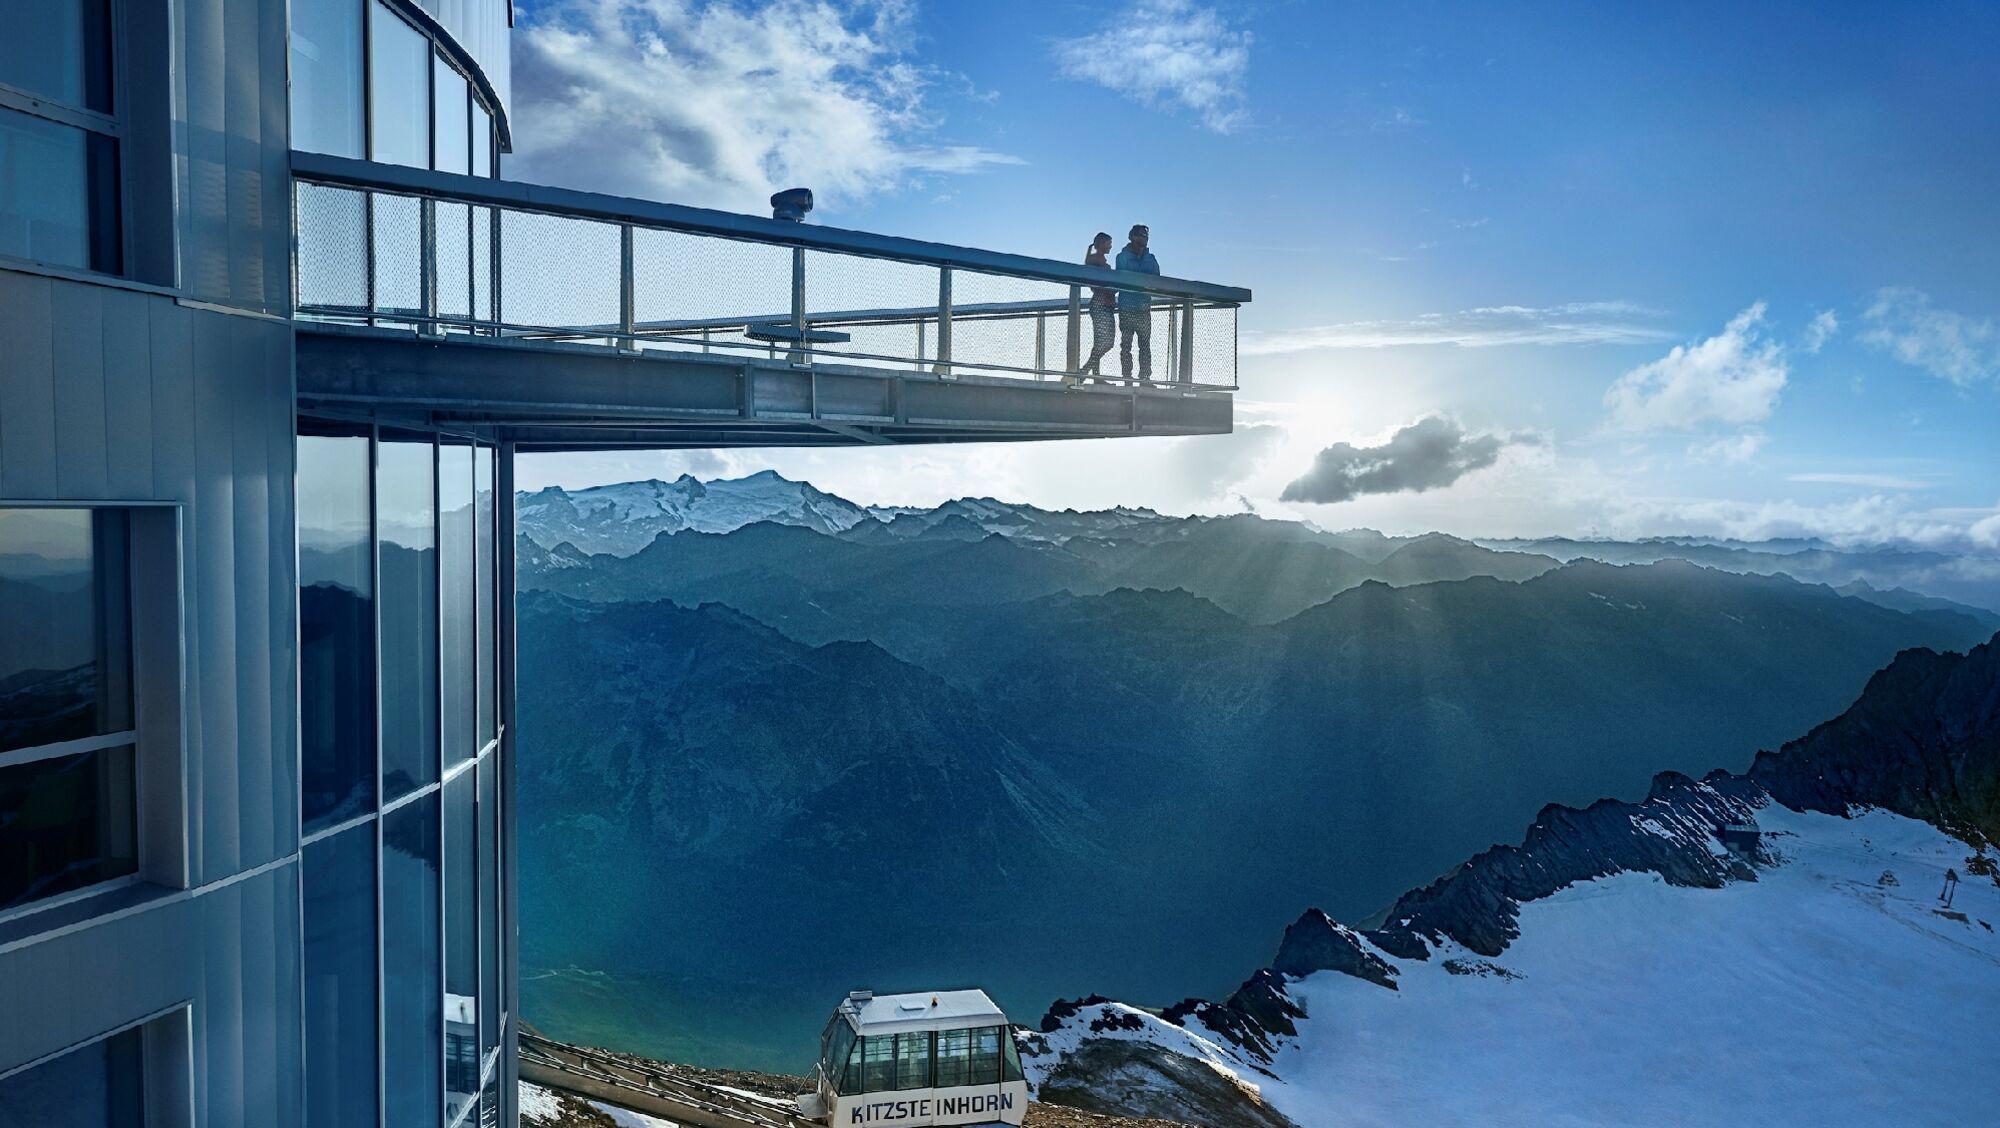 """In der Gipfelstation des Kitzsteinhorns auf 3.029 Metern liegt die Aussichtsplattform """"Top of Salzbu"""